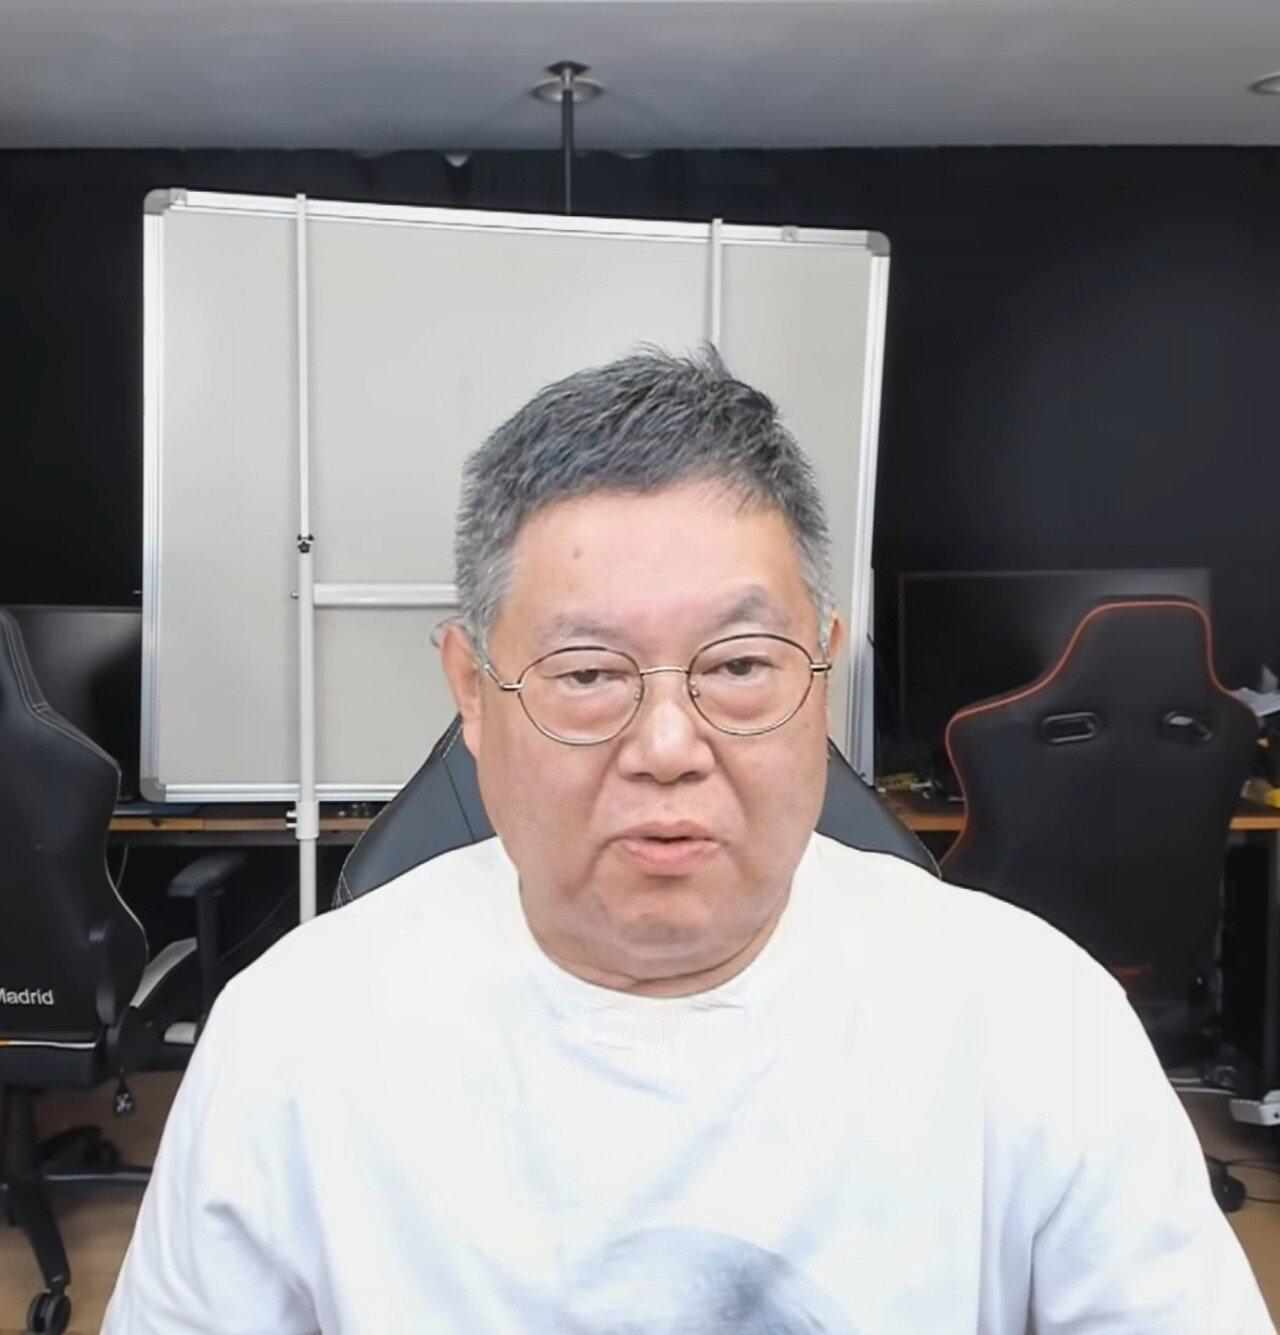 FaceApp_1628067363724.jpg 감스트(70세) 오프닝 토크 미리보기